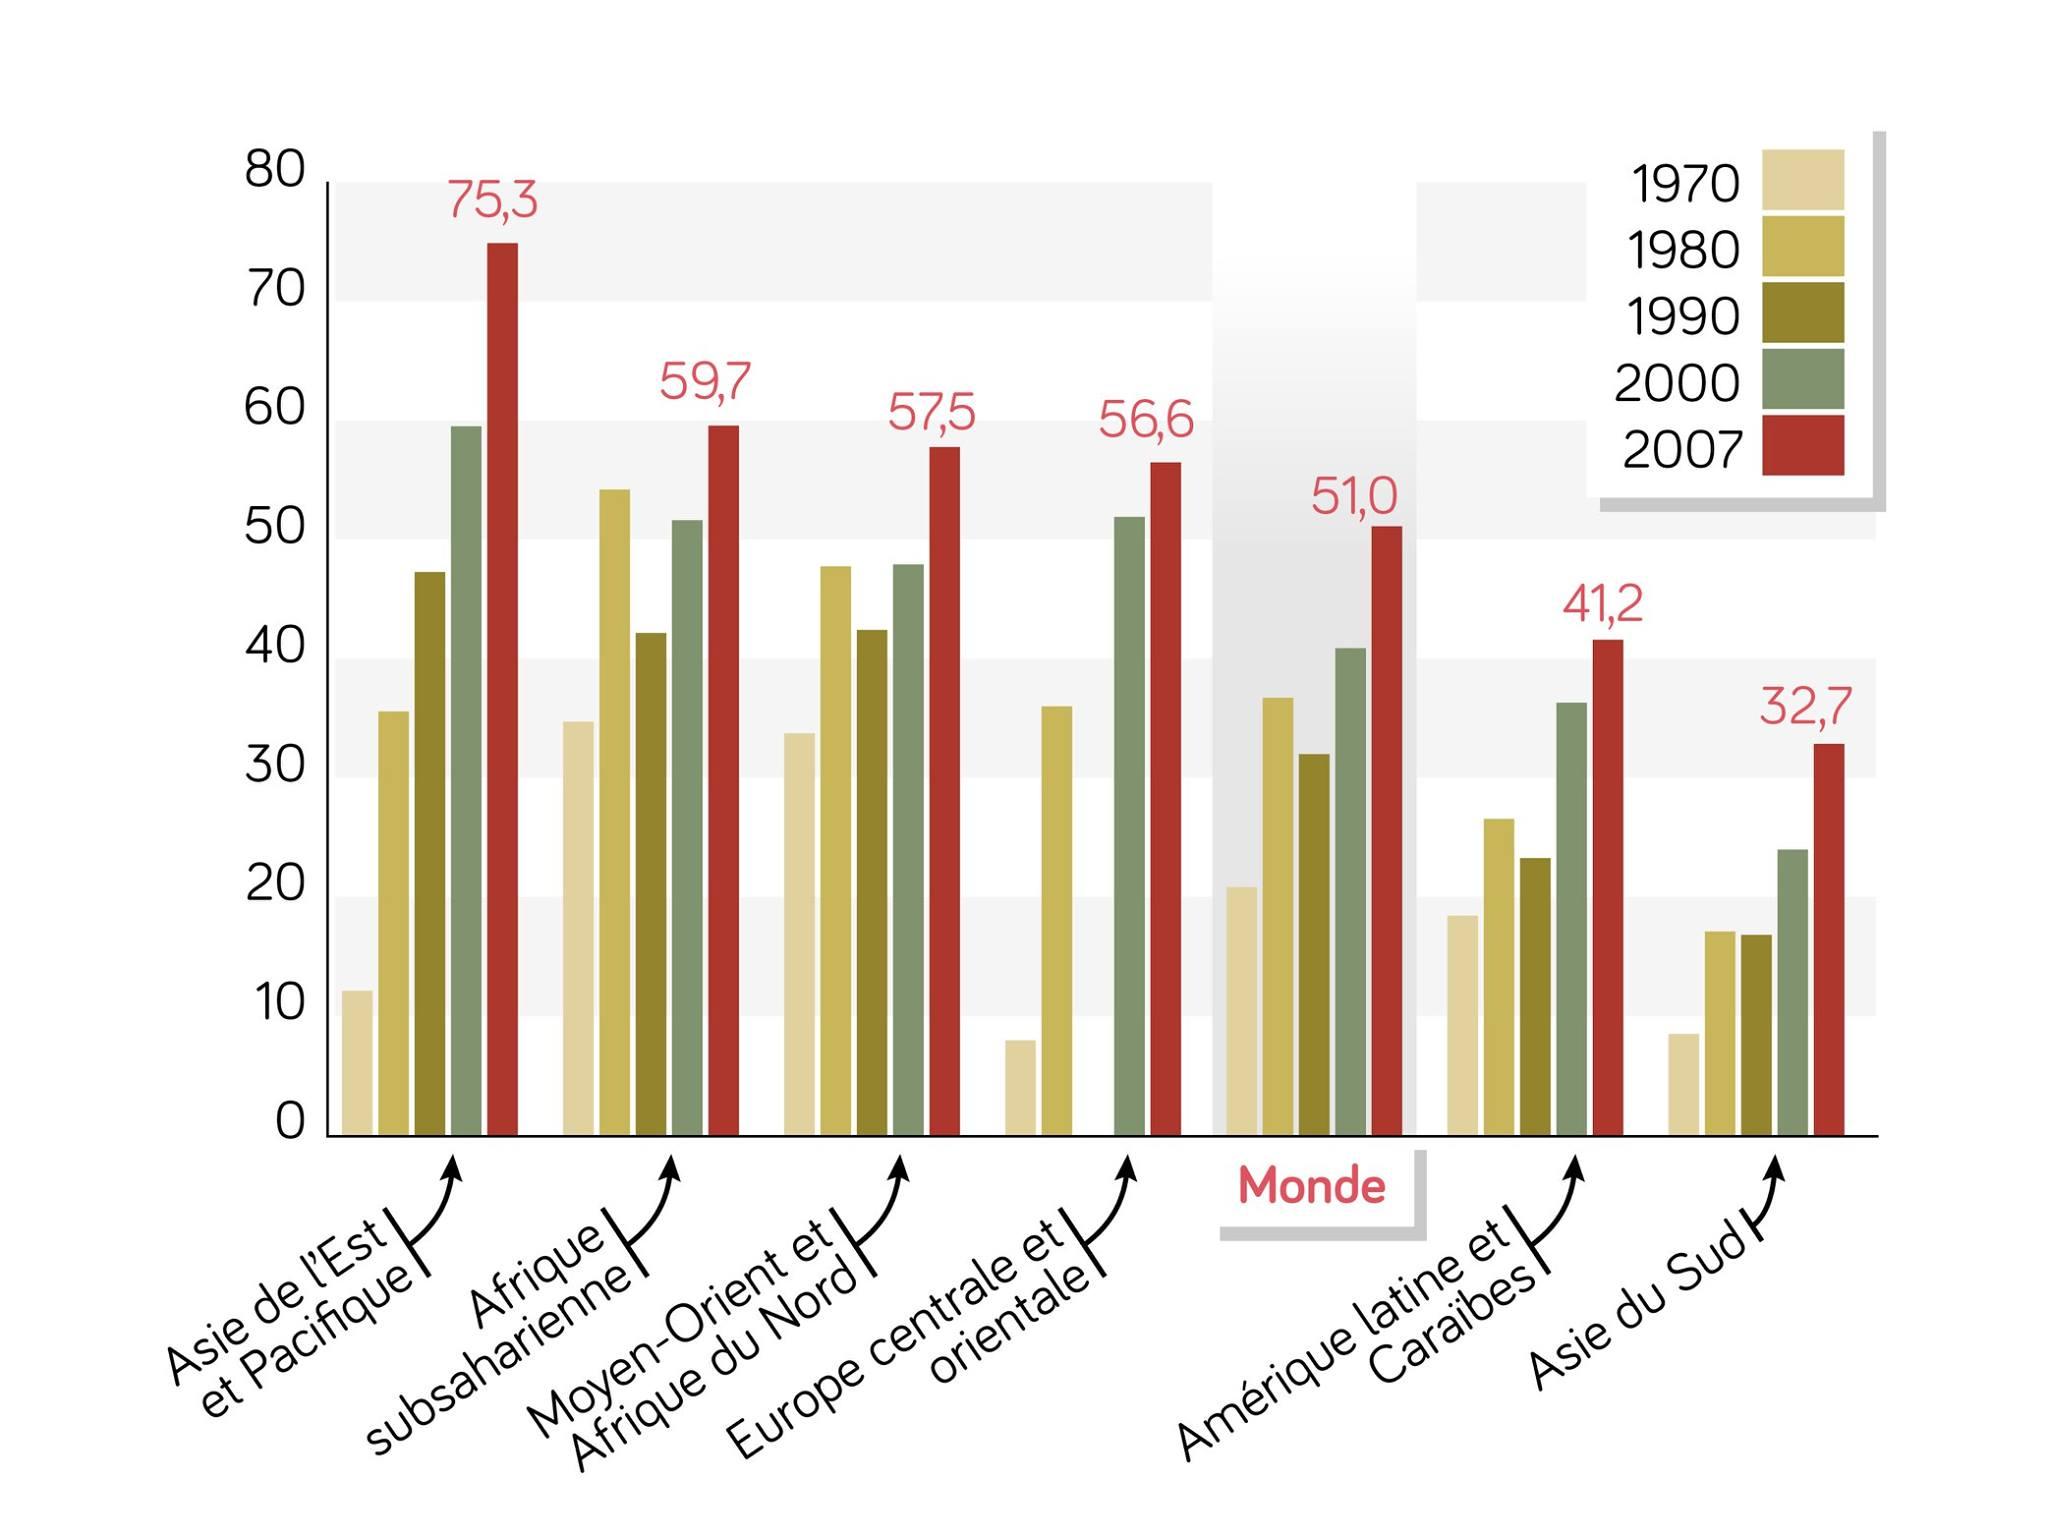 Graphique représentant la part des échanges (importations et exportations) dans le PIB de plusieurs zones géographiques à différentes périodes